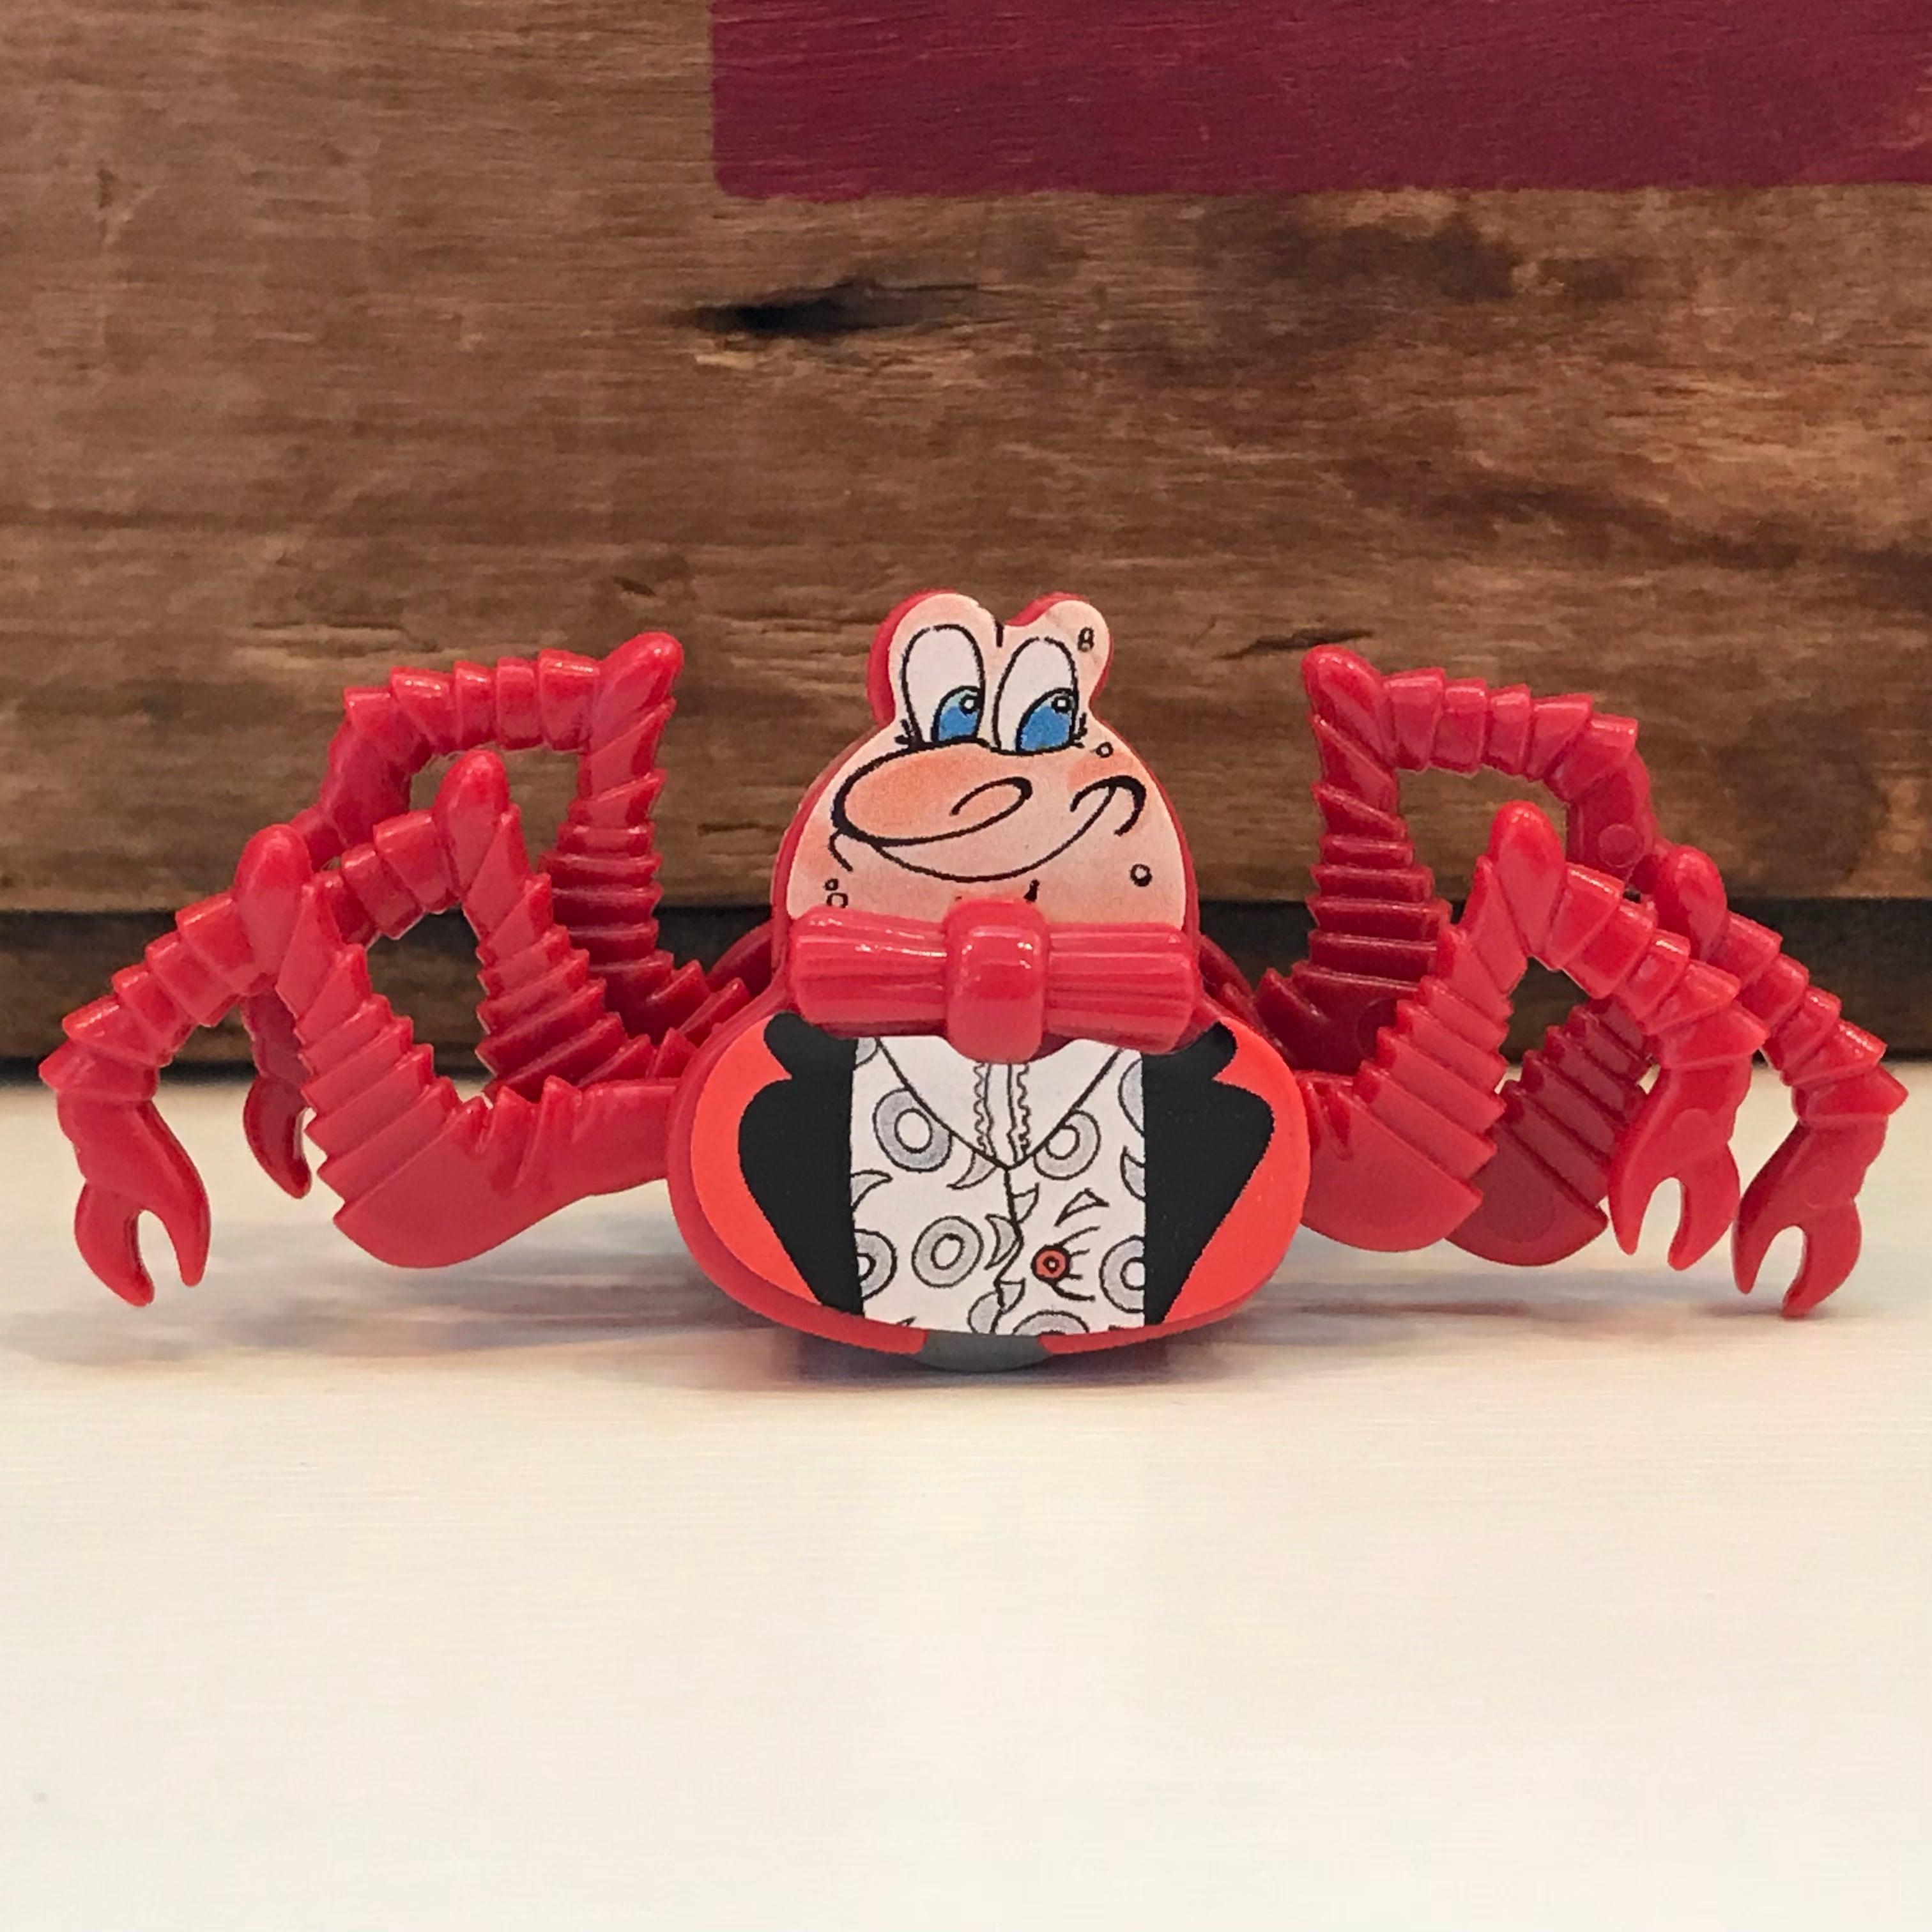 キンダーサプライズ 奇妙な生物 カニ (赤) フィギュア